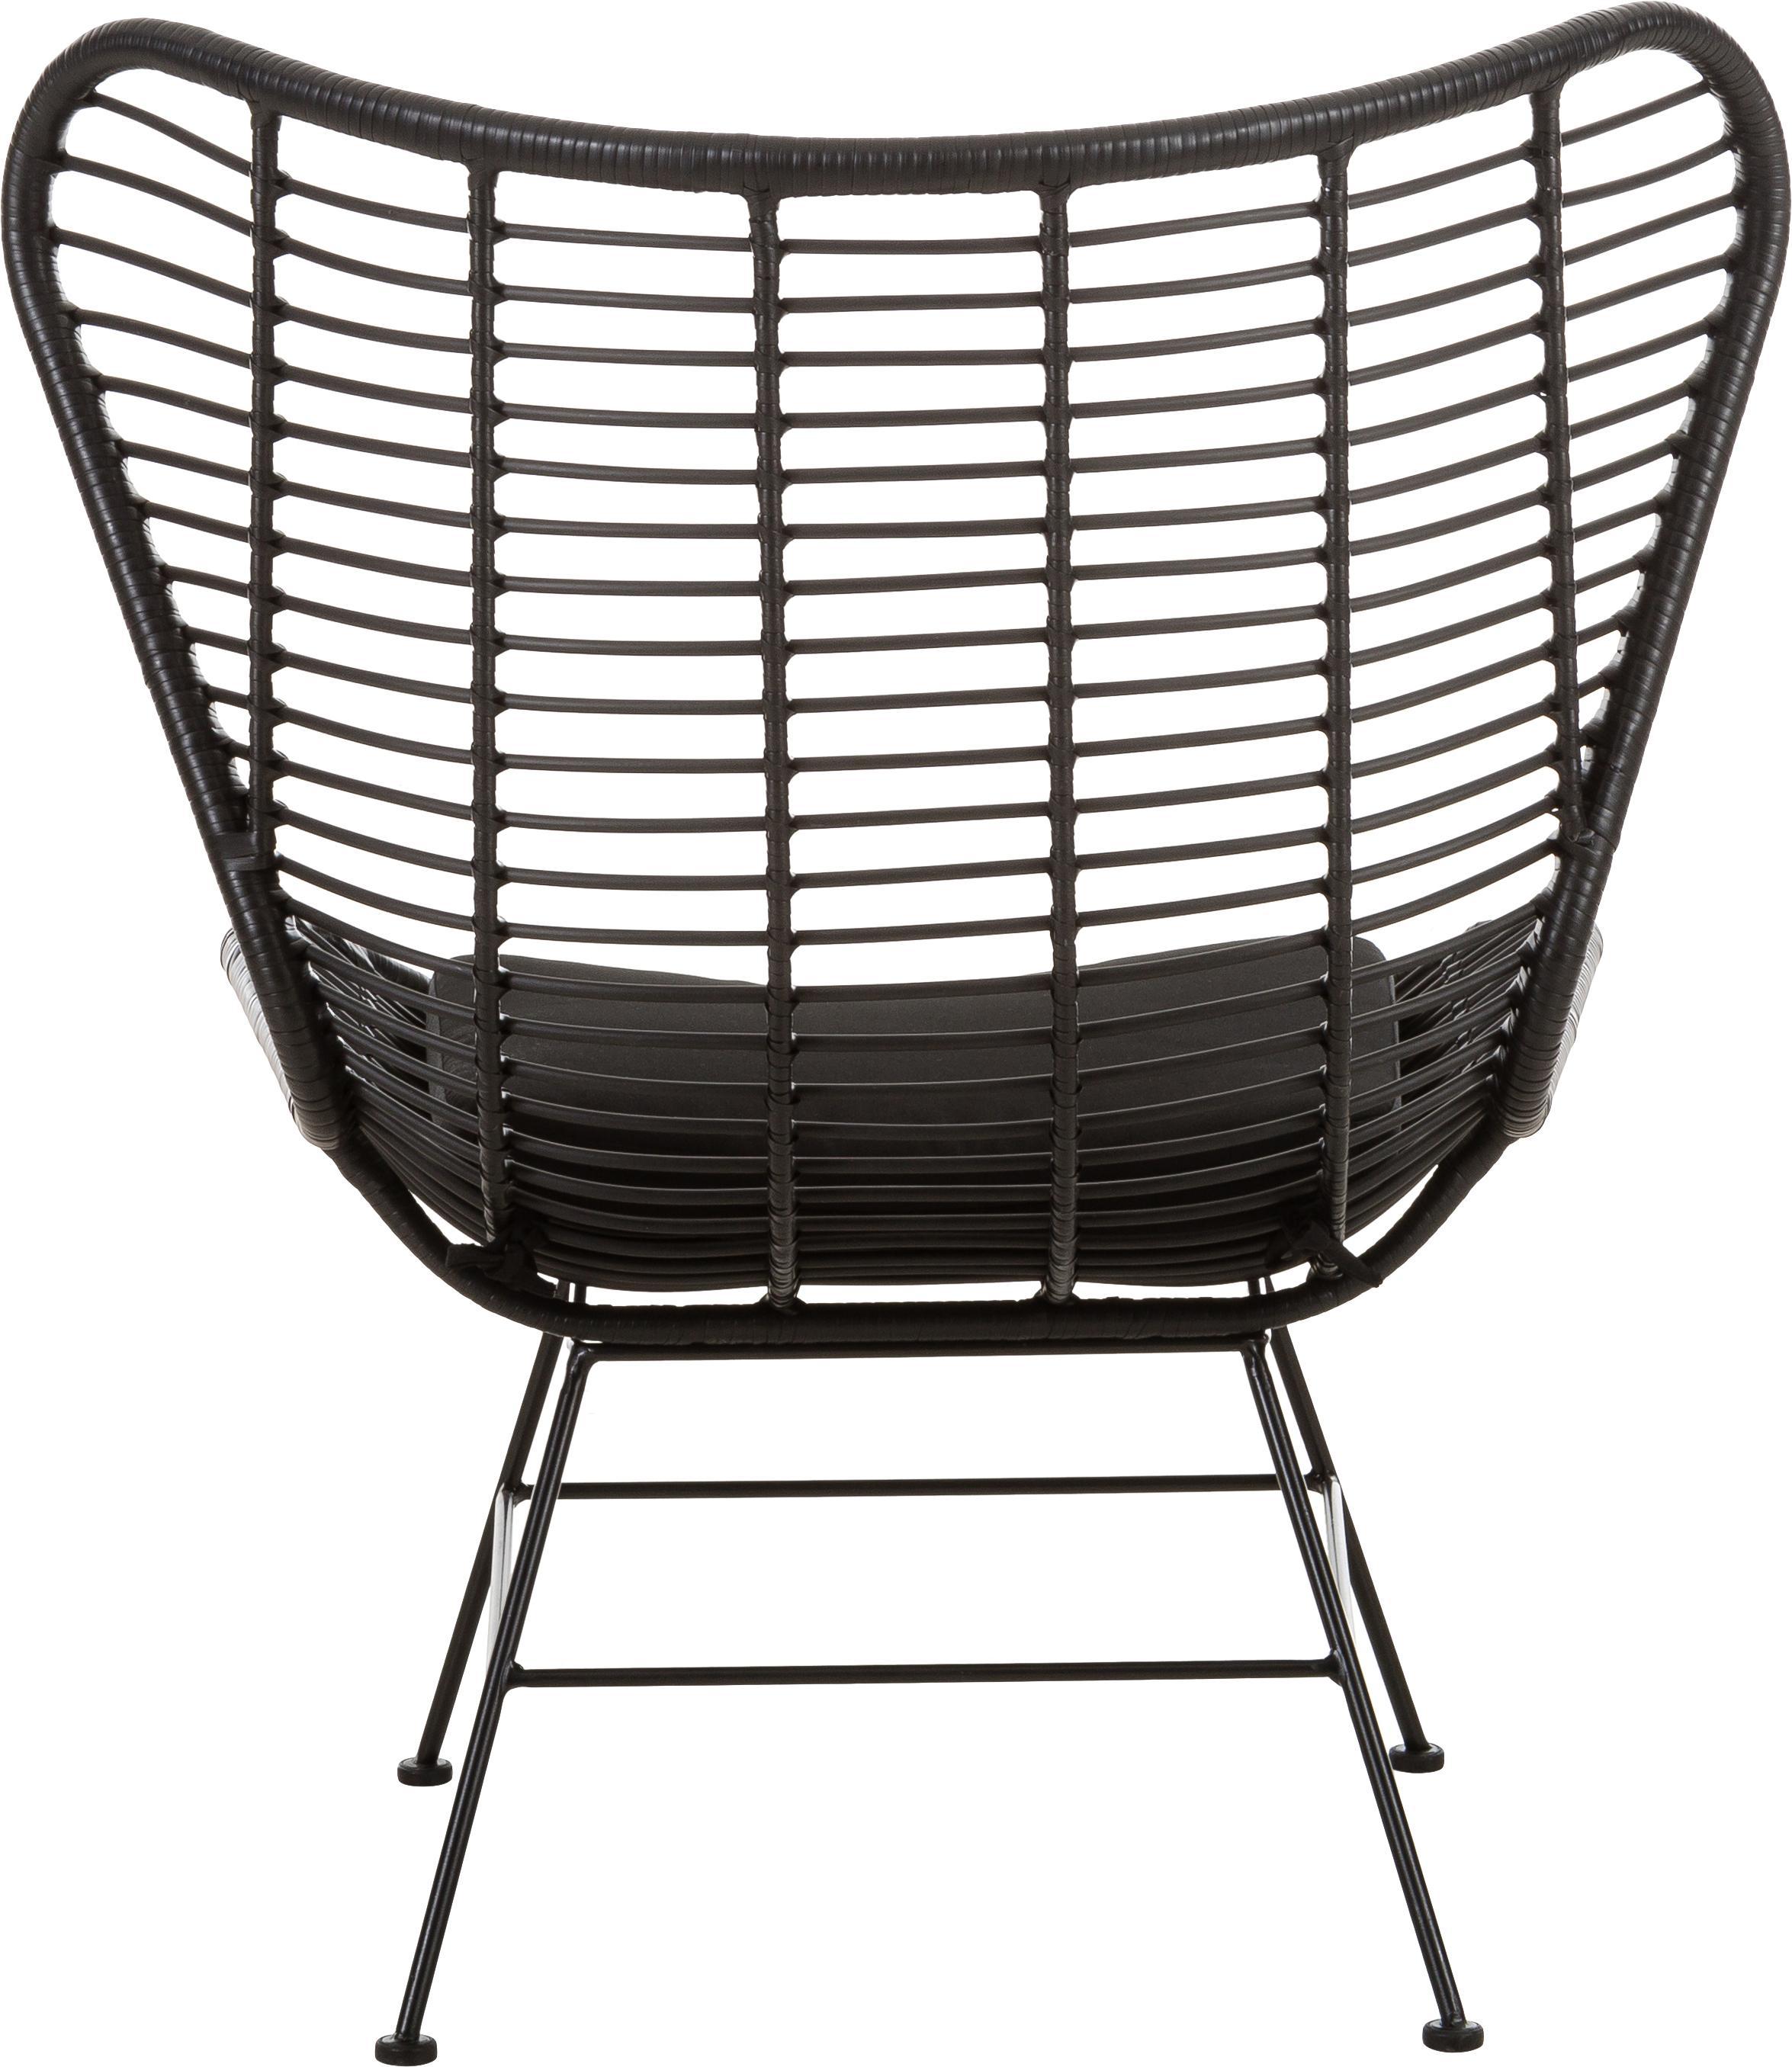 Ohrensessel Costa mit Polyrattan, Sitzfläche: Polyethylen-Geflecht, Gestell: Metall, pulverbeschichtet, Schwarz, B 90 x T 89 cm